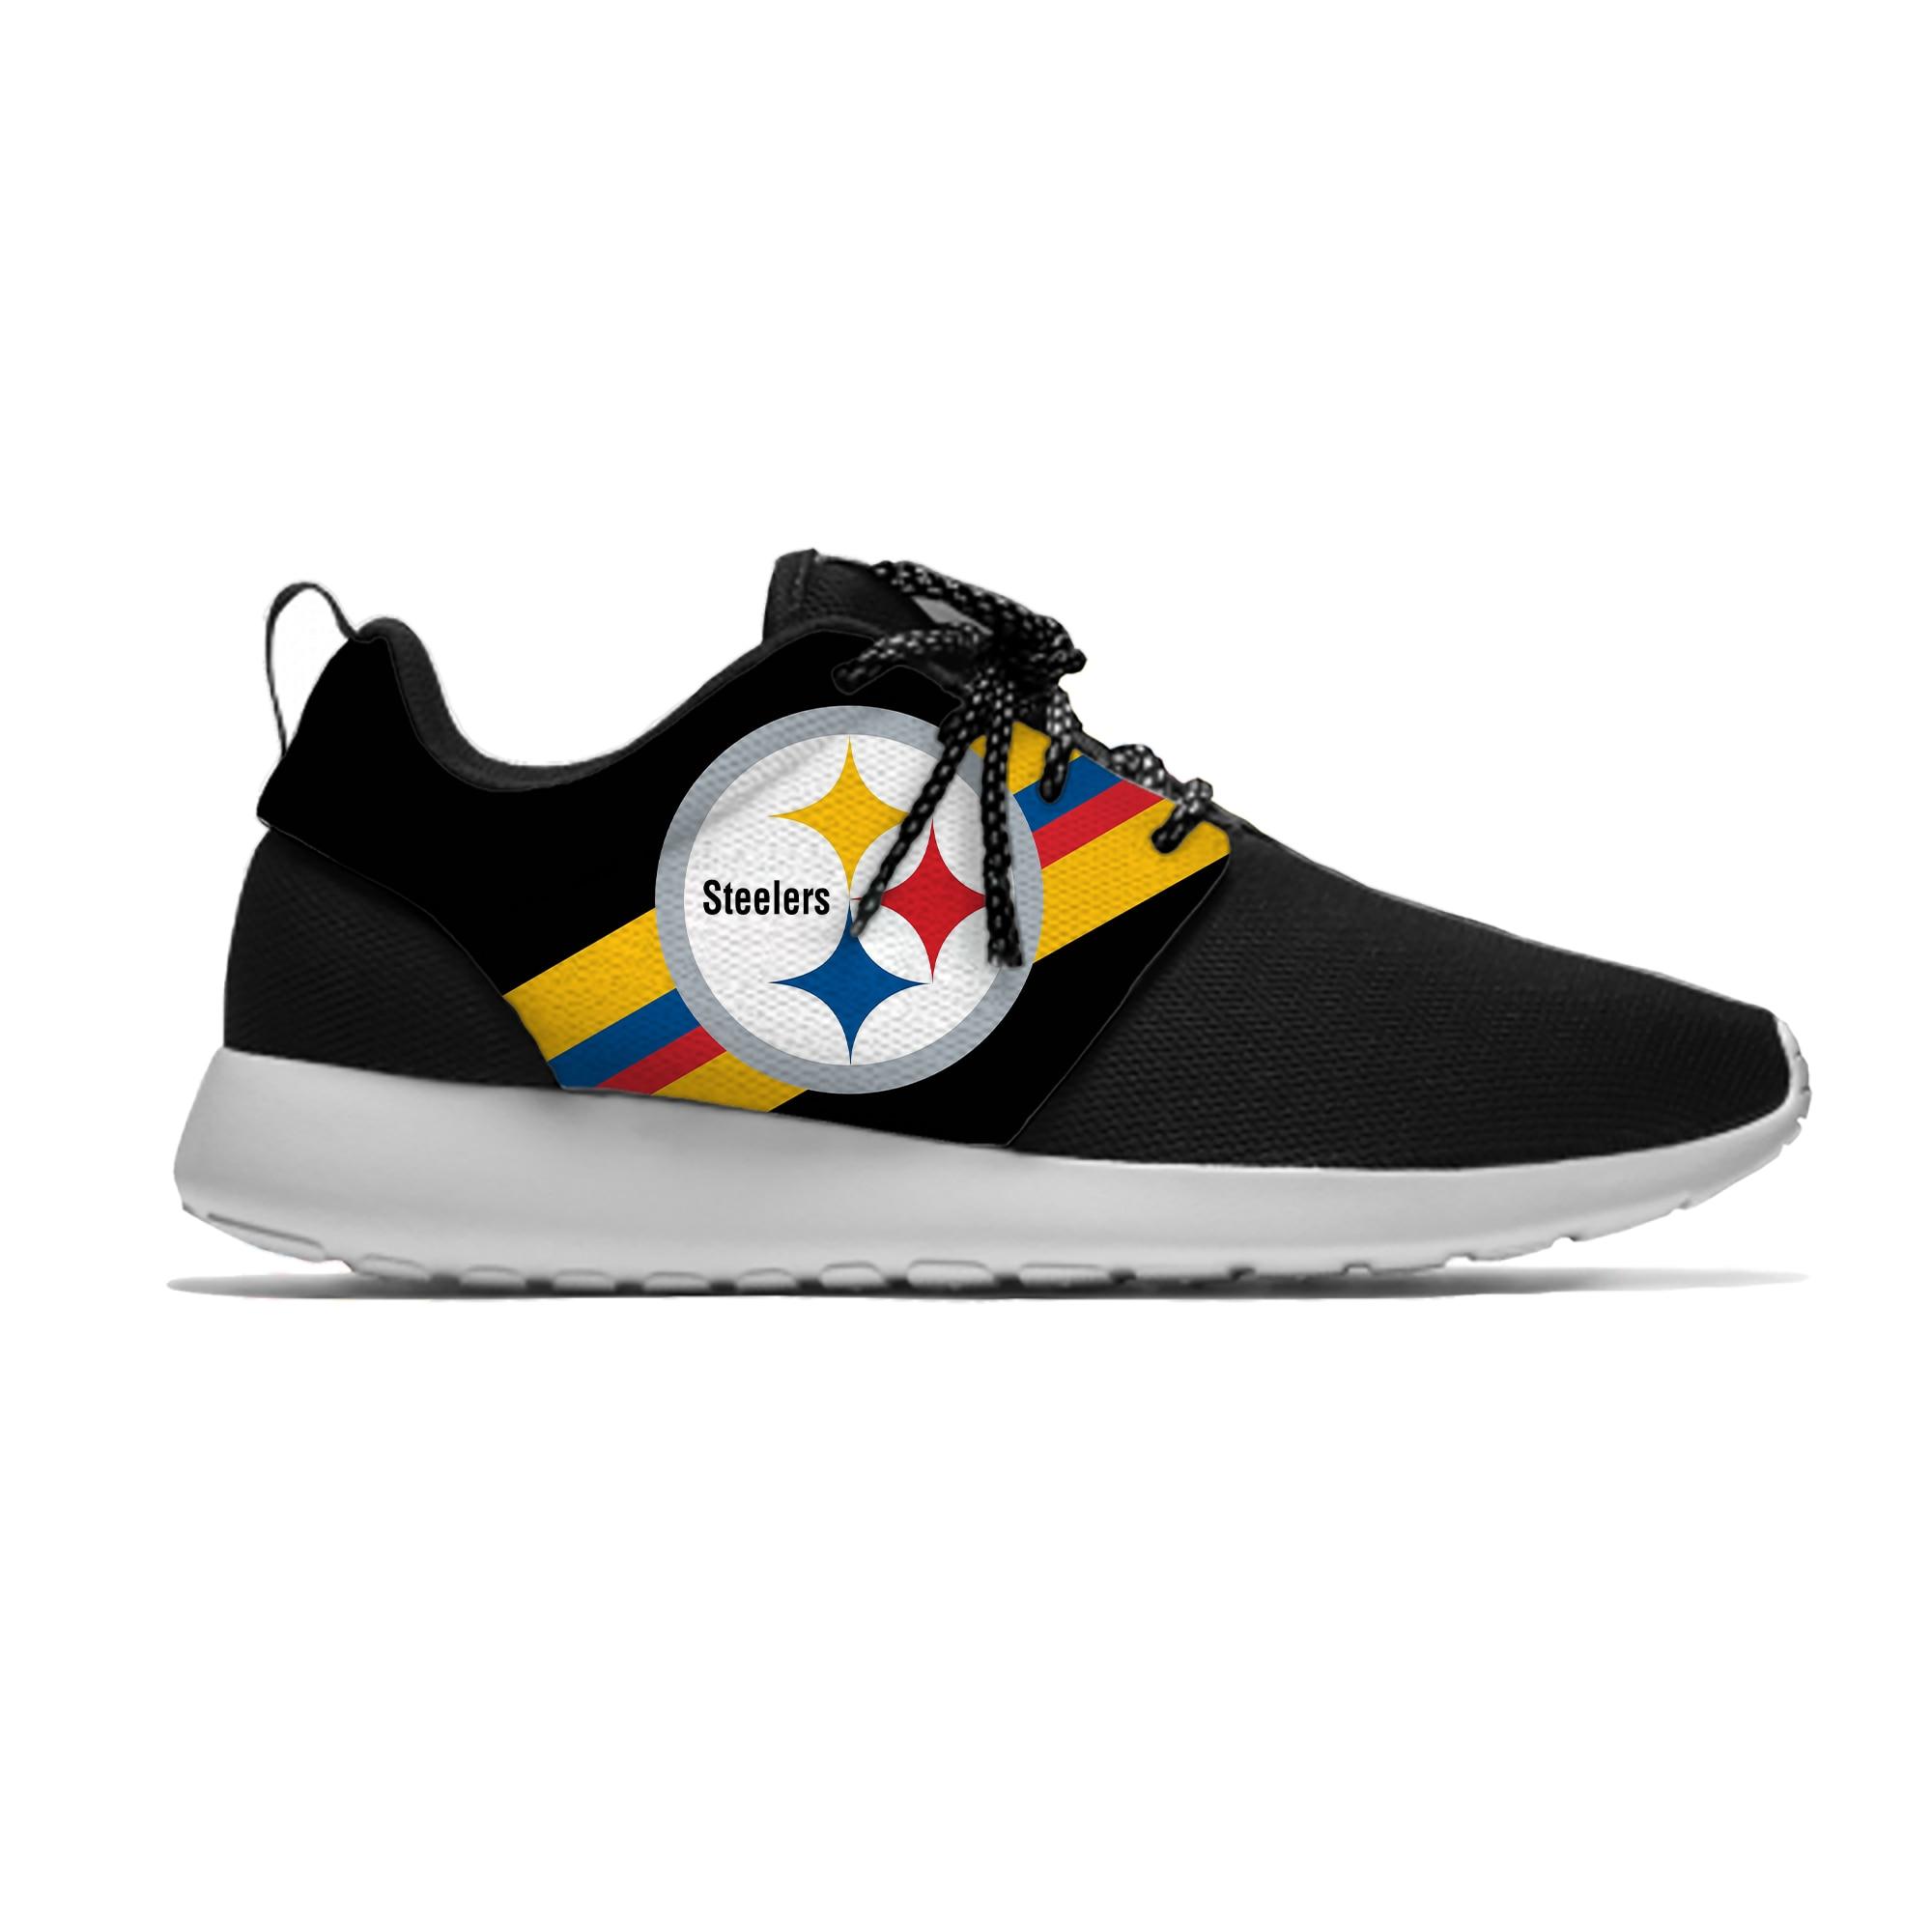 Steelers, дышащие спортивные кроссовки для отдыха, Питтсбург, Футбольная команда, фанаты, легкая повседневная обувь для мужчин/женщин, кроссовк